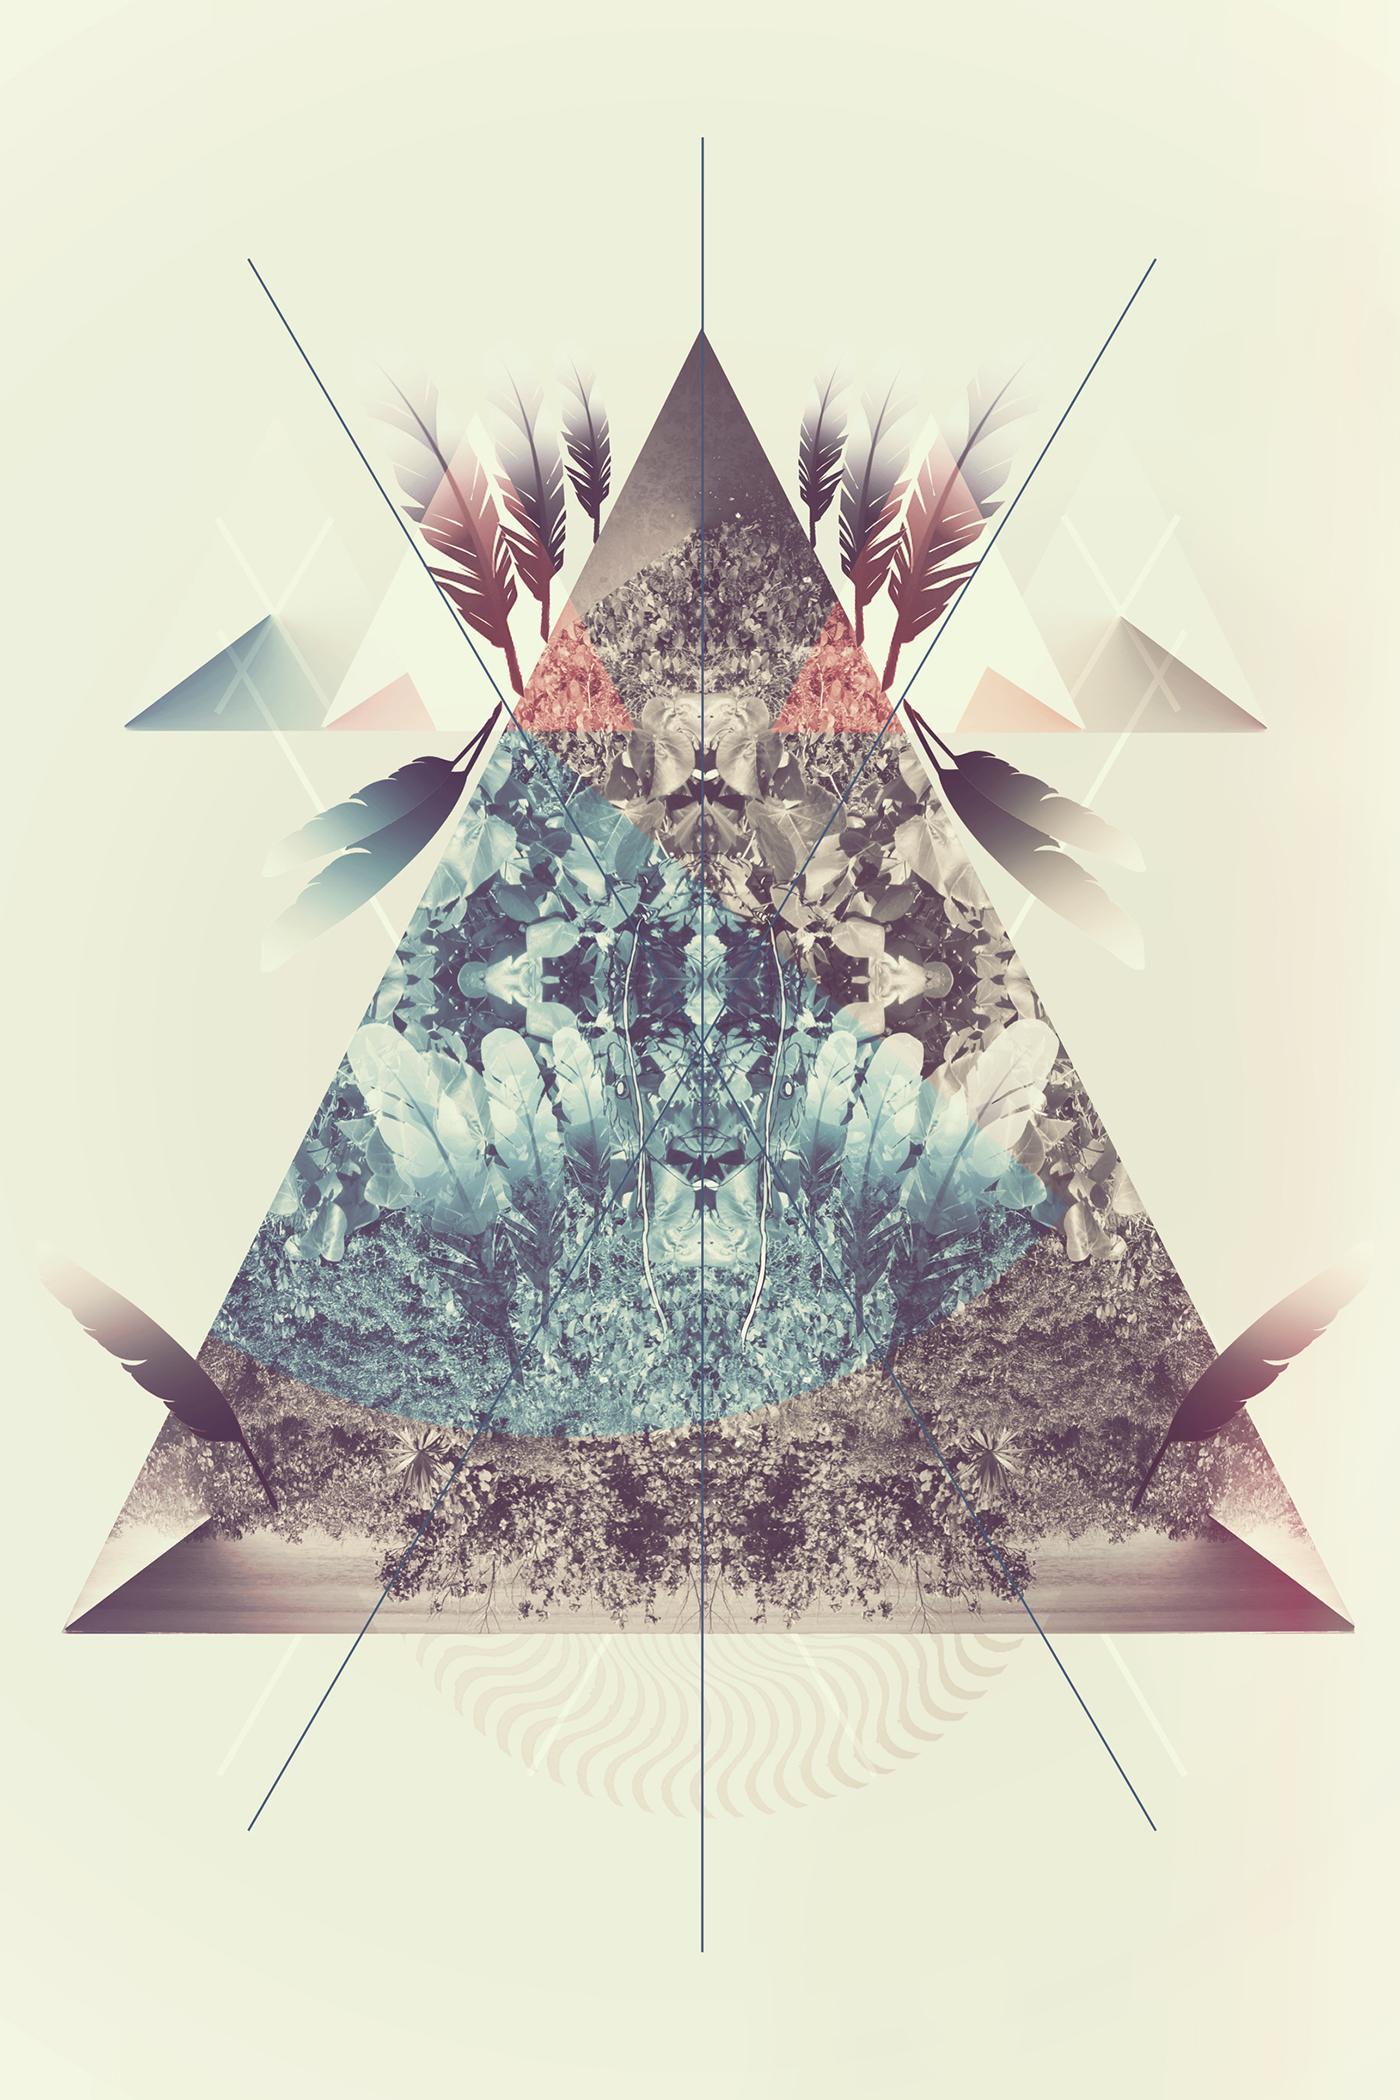 Graphic Design Triangle Art